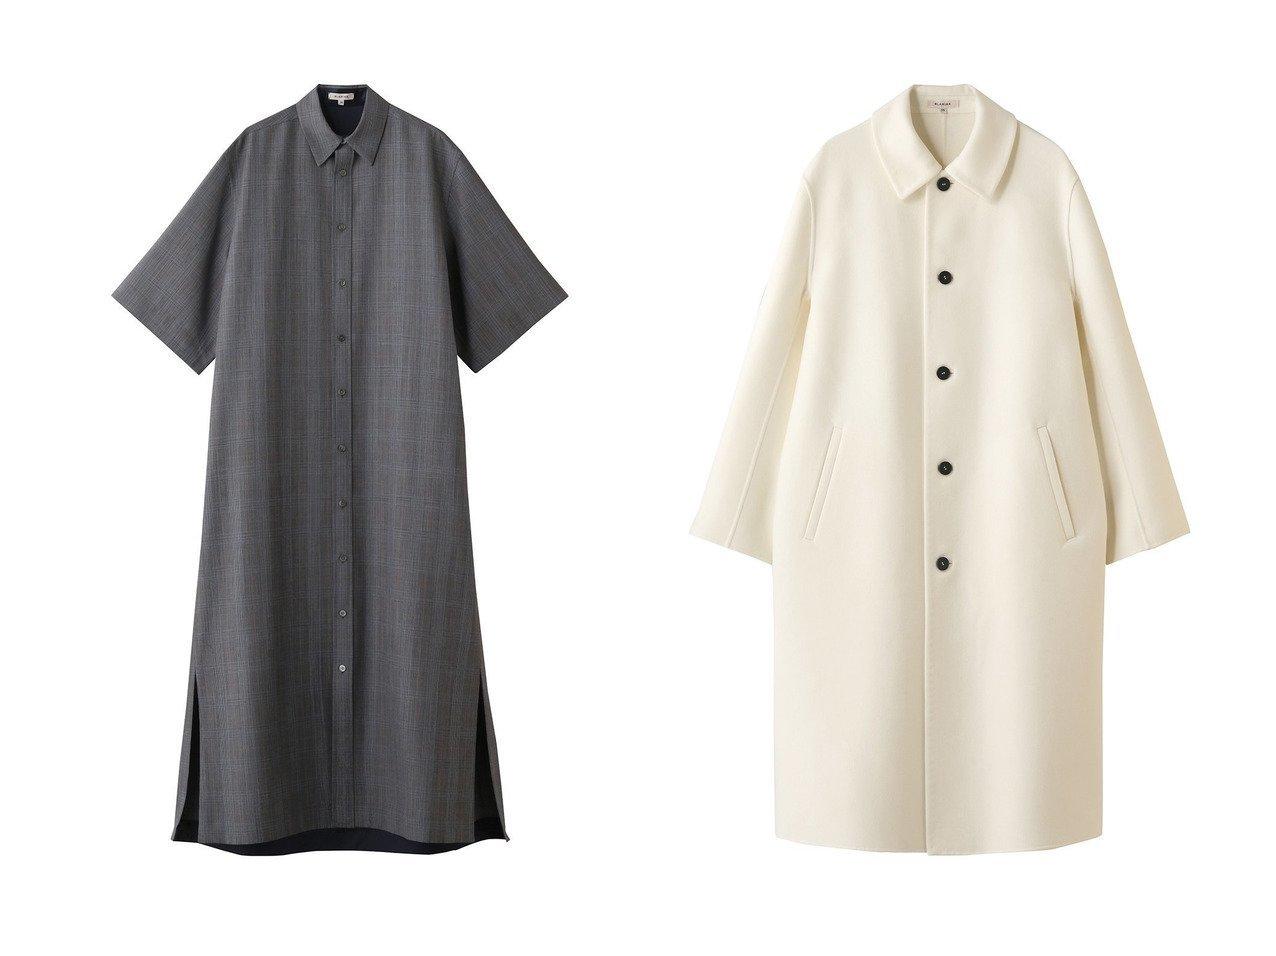 【BLAMINK/ブラミンク】のウールモヘヤチェックレギュラーカラーショートスリーブワンピース&ウールカシミヤステンカラーコート BLAMINKのおすすめ!人気、トレンド・レディースファッションの通販  おすすめで人気の流行・トレンド、ファッションの通販商品 メンズファッション・キッズファッション・インテリア・家具・レディースファッション・服の通販 founy(ファニー) https://founy.com/ ファッション Fashion レディースファッション WOMEN ワンピース Dress アウター Coat Outerwear コート Coats 2021年 2021 2021 春夏 S/S SS Spring/Summer 2021 S/S 春夏 SS Spring/Summer チェック モヘア レギンス ロング ワイド 春 Spring |ID:crp329100000017171